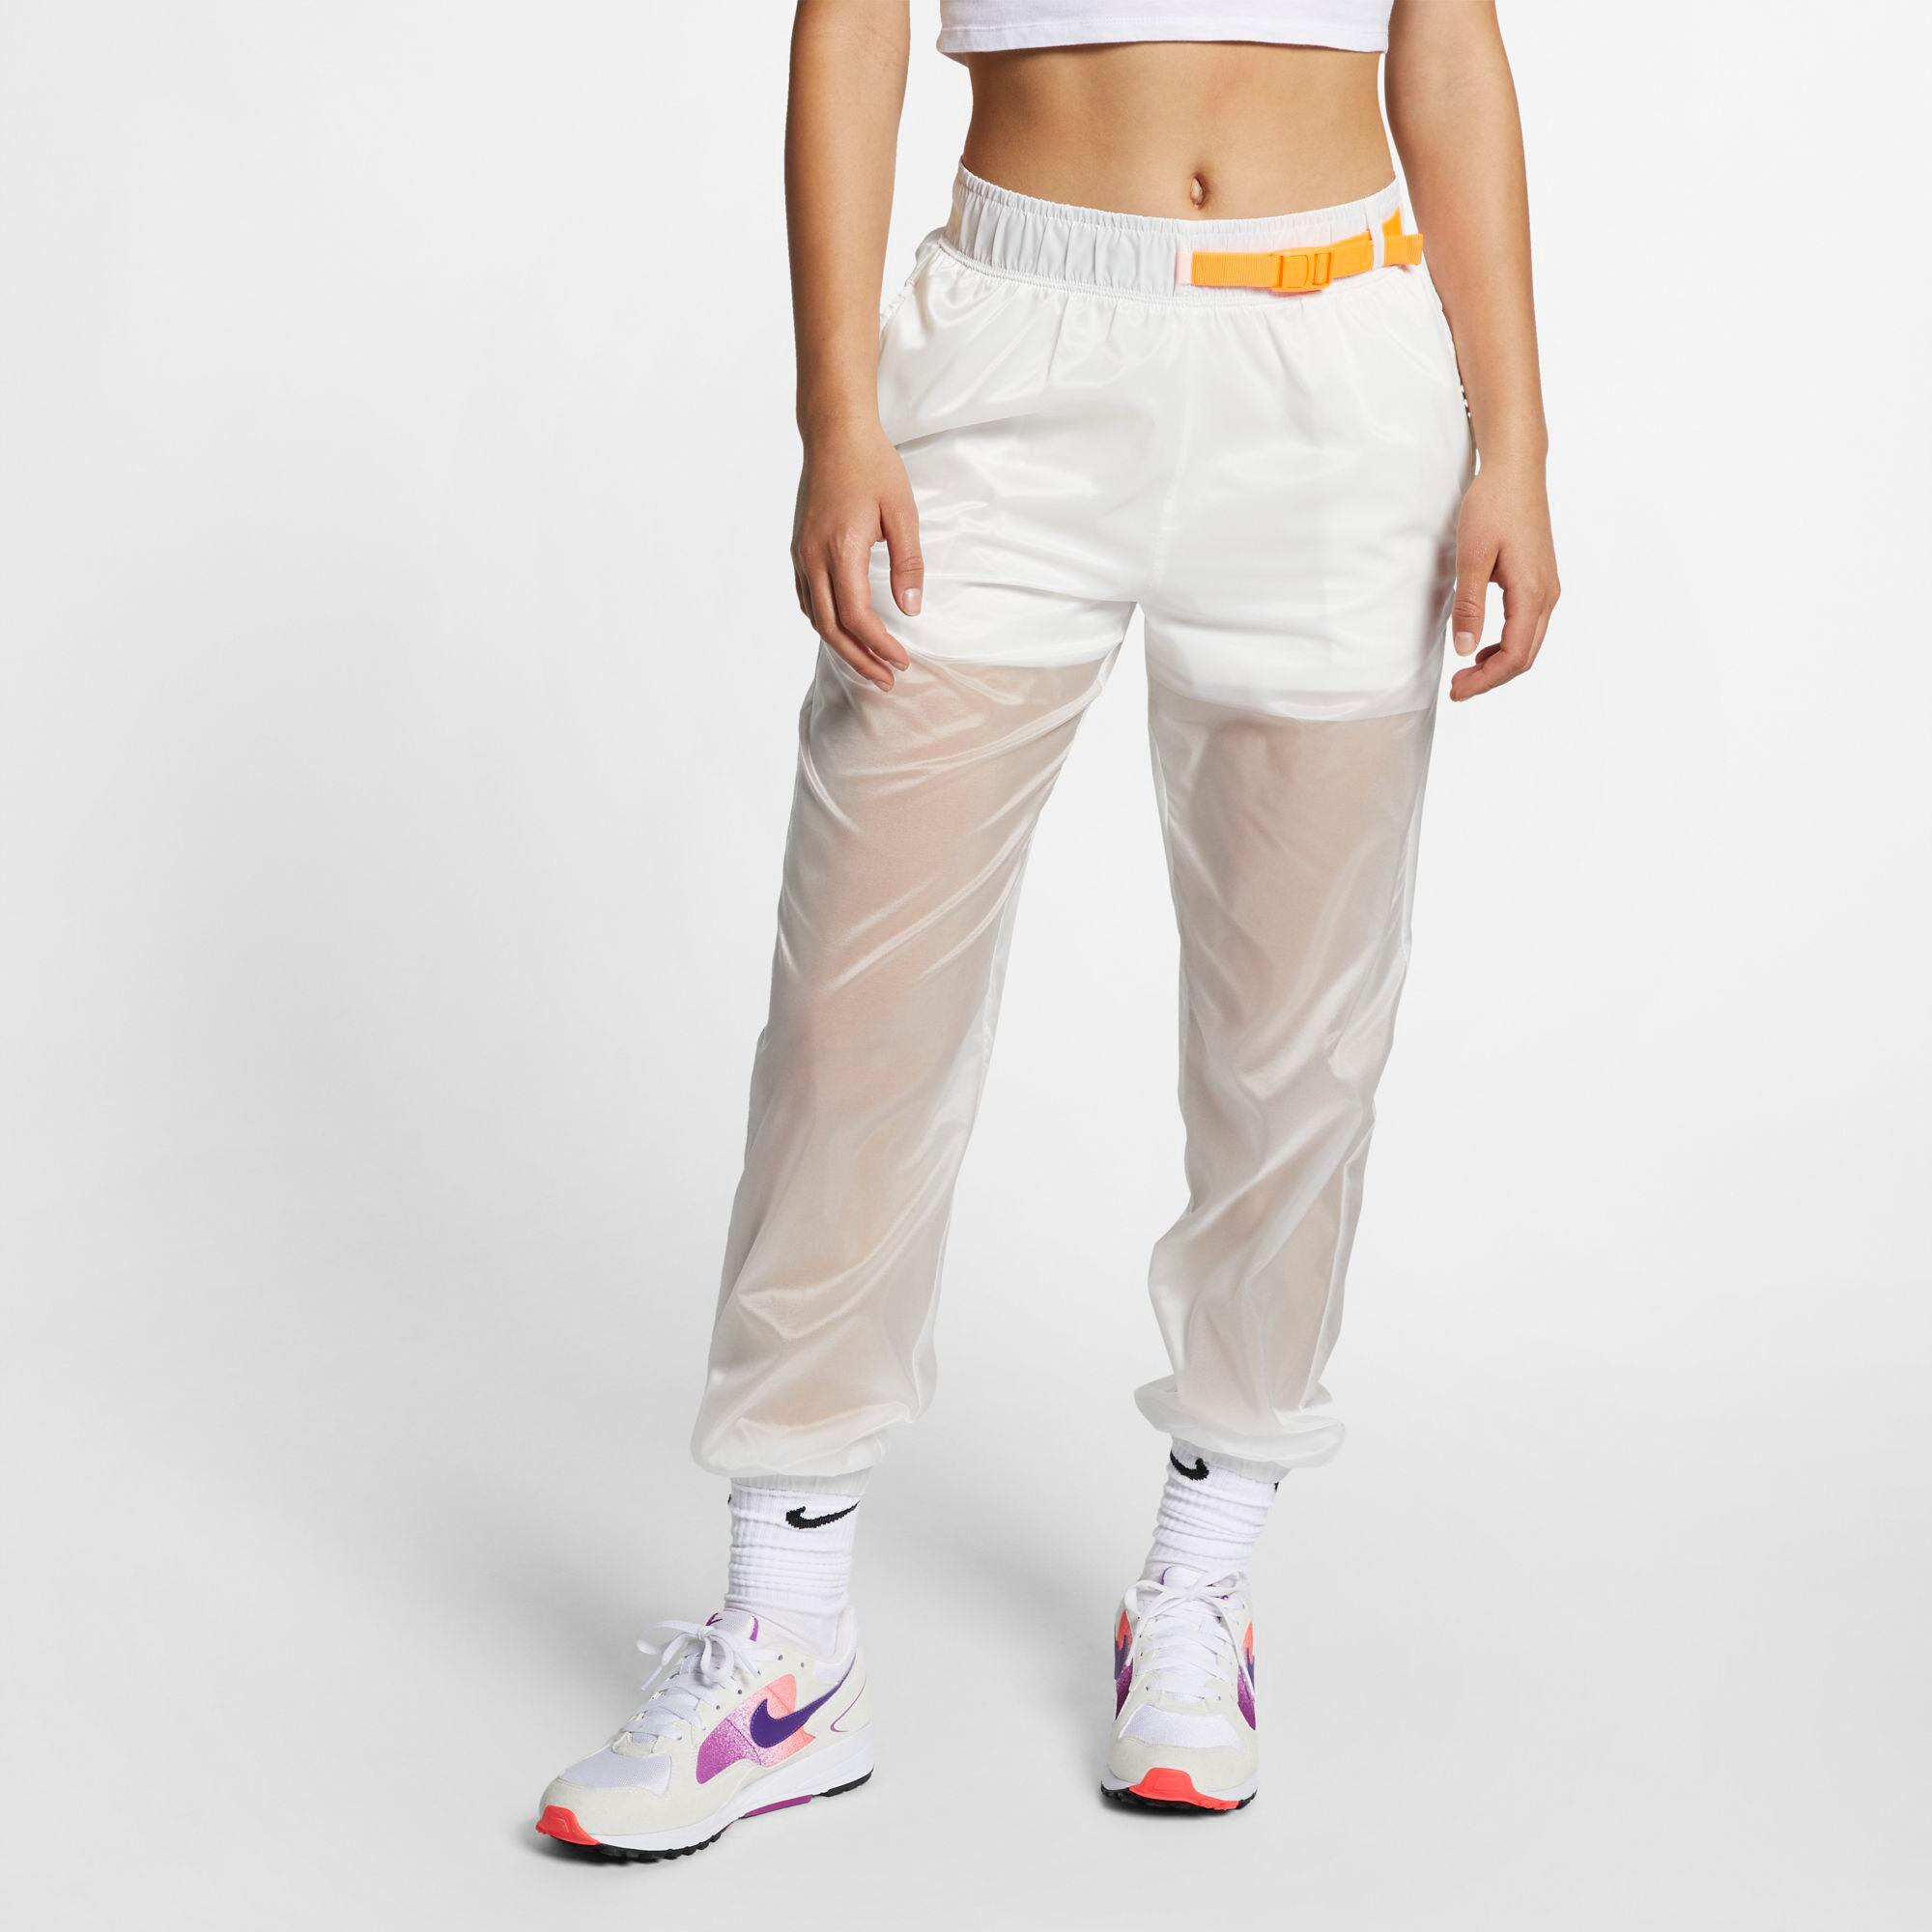 Nike Sportswear Tech Pack broek Dames Wit » Intersport.nl